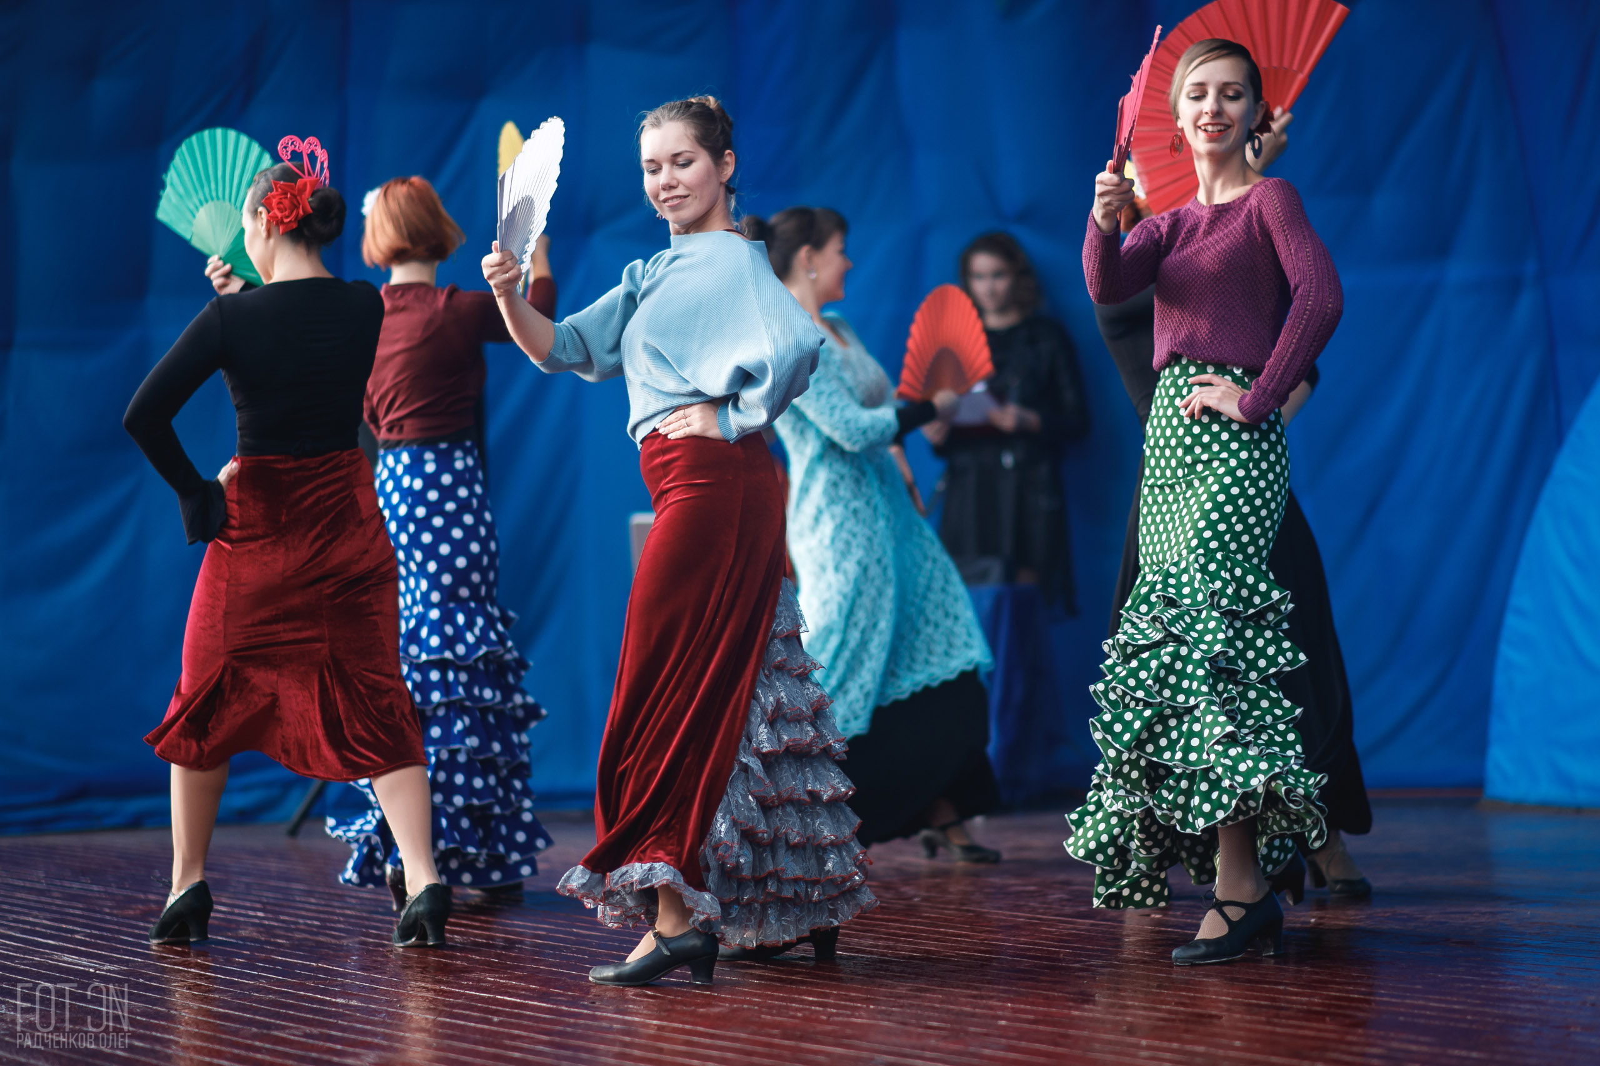 В Международный день фламенко в Твери пройдет танцевальный флешмоб